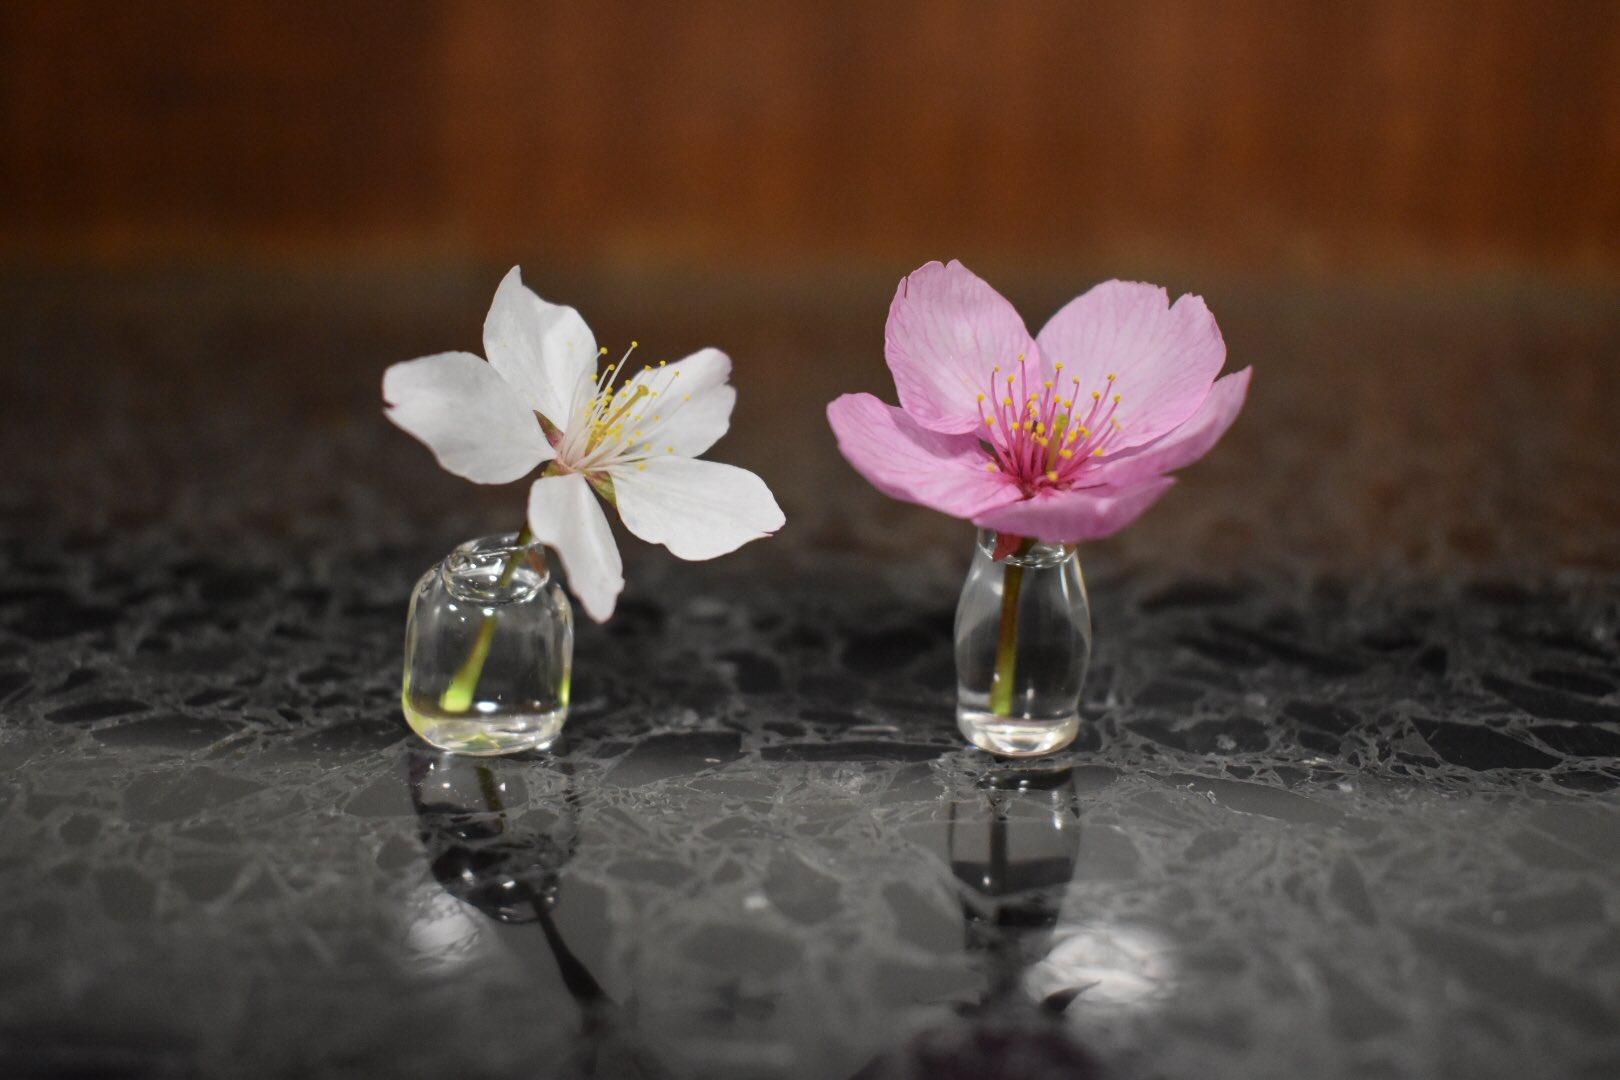 これすごくて!平野神社の桜のところで出会ってしまった小さい一輪挿し!吹きガラスらしいんだけど、花小さくても茎短くてもいけられるしお花がそこにあるみたいに見えるの可愛い!あと表面張力で水がこぼれない!お店の方がやってらした逆さまにお花いけるのめっちゃ素敵…こぼれないからできるの